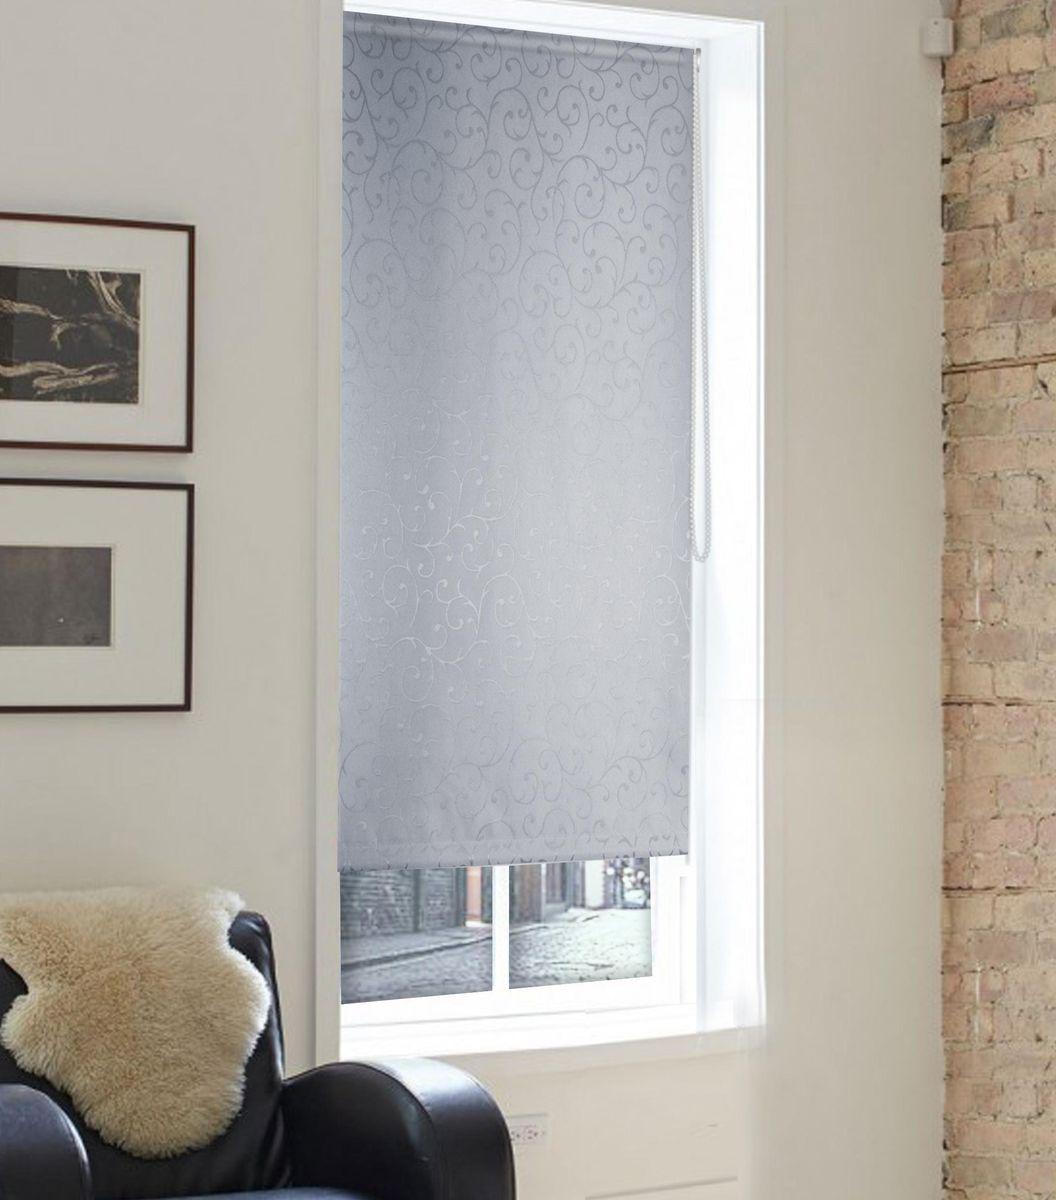 Штора рулонная Эскар Агат, цвет: серый, ширина 80 см, высота 160 см80462Рулонными шторами можно оформлять окна как самостоятельно, так и использовать в комбинации с портьерами. Это поможет предотвратить выгорание дорогой ткани на солнце и соединит функционал рулонных с красотой навесных.Преимущества применения рулонных штор для пластиковых окон:- имеют прекрасный внешний вид: многообразие и фактурность материала изделия отлично смотрятся в любом интерьере; - многофункциональны: есть возможность подобрать шторы способные эффективно защитить комнату от солнца, при этом она не будет слишком темной.- Есть возможность осуществить быстрый монтаж.ВНИМАНИЕ! Размеры ширины изделия указаны по ширине ткани!Во время эксплуатации не рекомендуется полностью разматывать рулон, чтобы не оторвать ткань от намоточного вала.В случае загрязнения поверхности ткани, чистку шторы проводят одним из способов, в зависимости от типа загрязнения: легкое поверхностное загрязнение можно удалить при помощи канцелярского ластика; чистка от пыли производится сухим методом при помощи пылесоса с мягкой щеткой-насадкой; для удаления пятна используйте мягкую губку с пенообразующим неагрессивным моющим средством или пятновыводитель на натуральной основе (нельзя применять растворители).